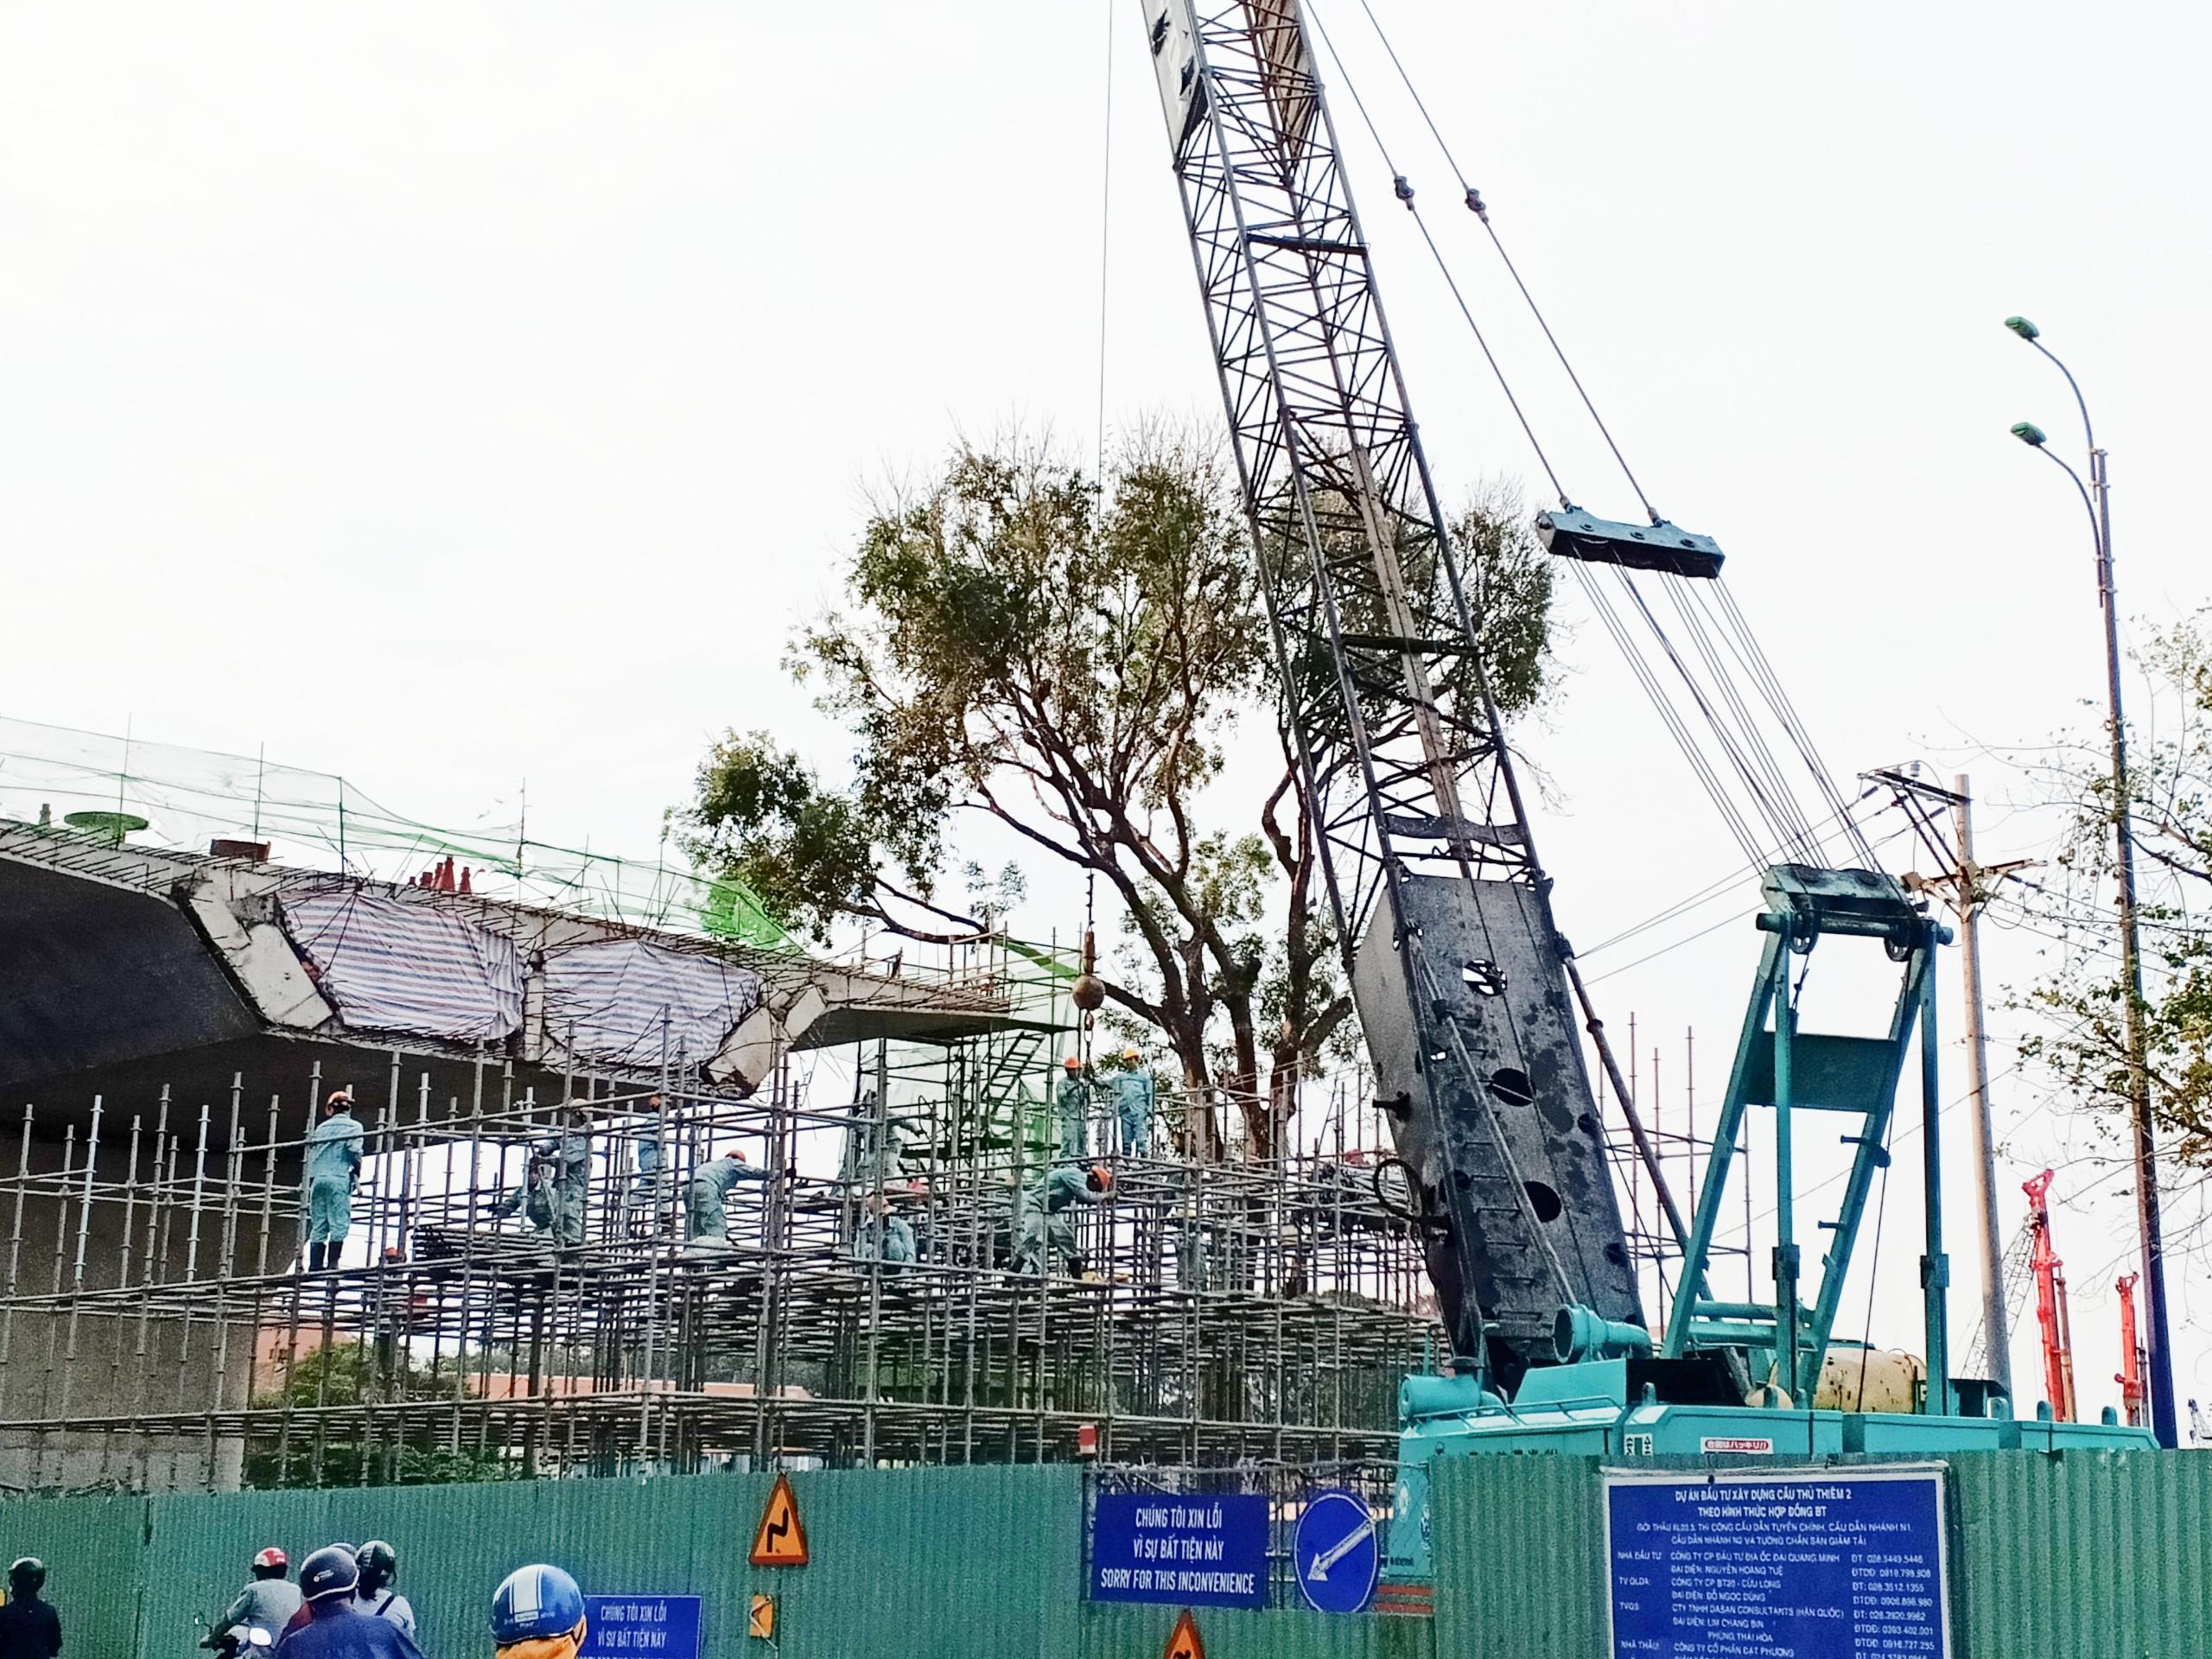 Cầu Thủ Thiêm 2 sẽ thông xe kĩ thuật cuối năm 2020 - Ảnh 1.